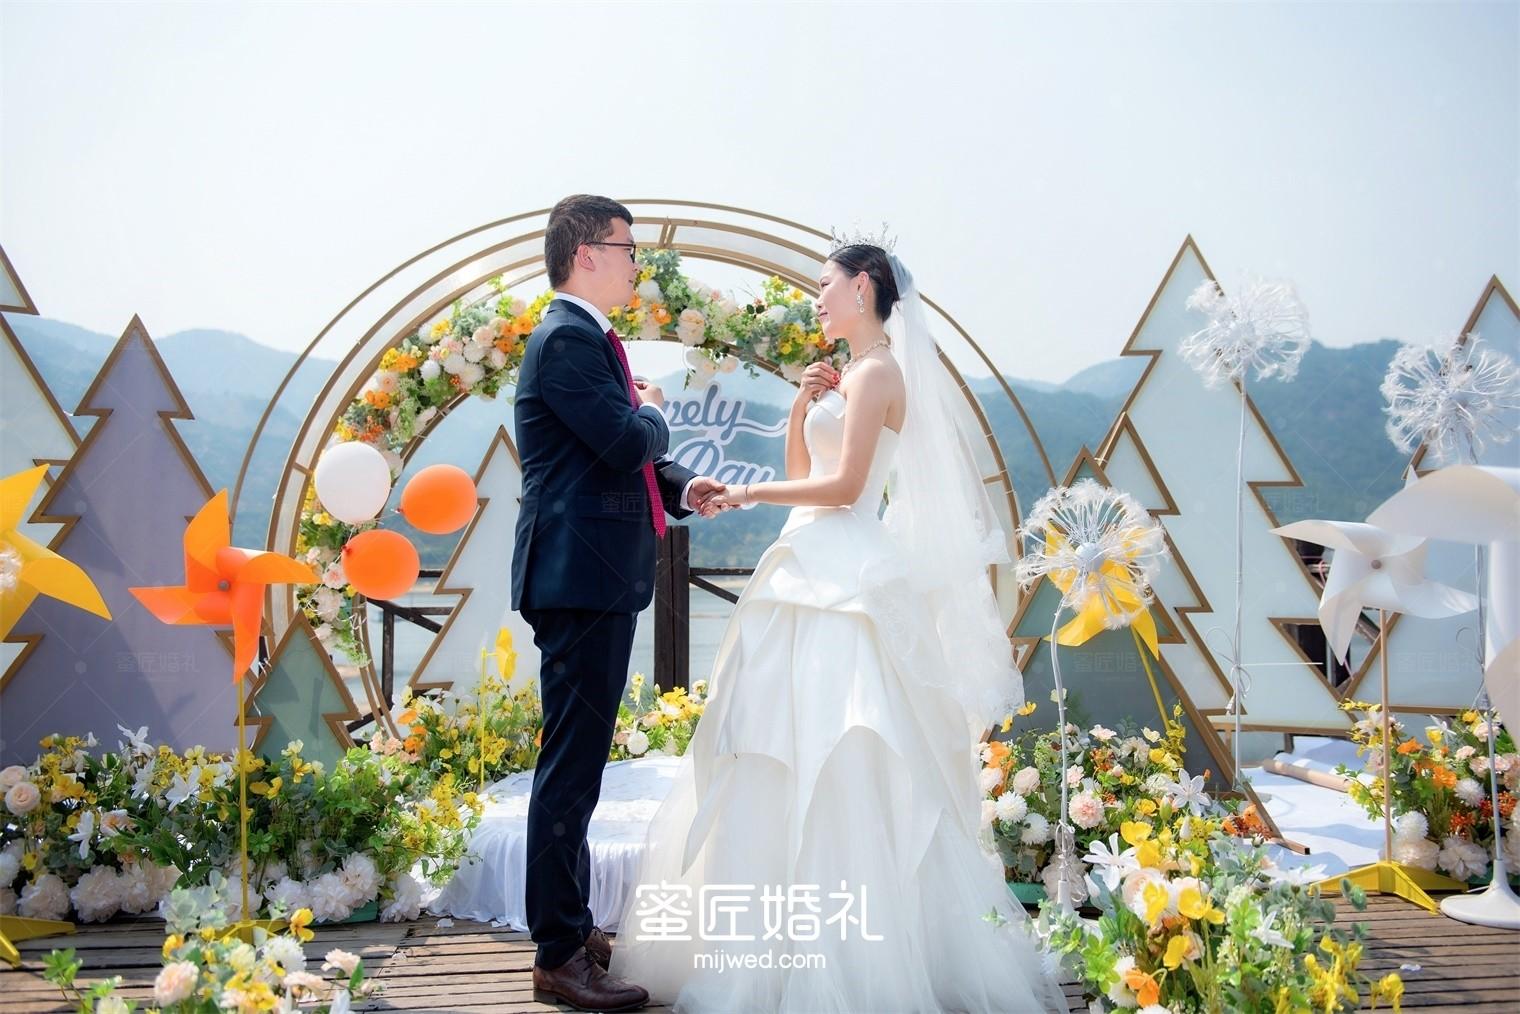 婚礼歌曲欢快的婚庆专用歌曲